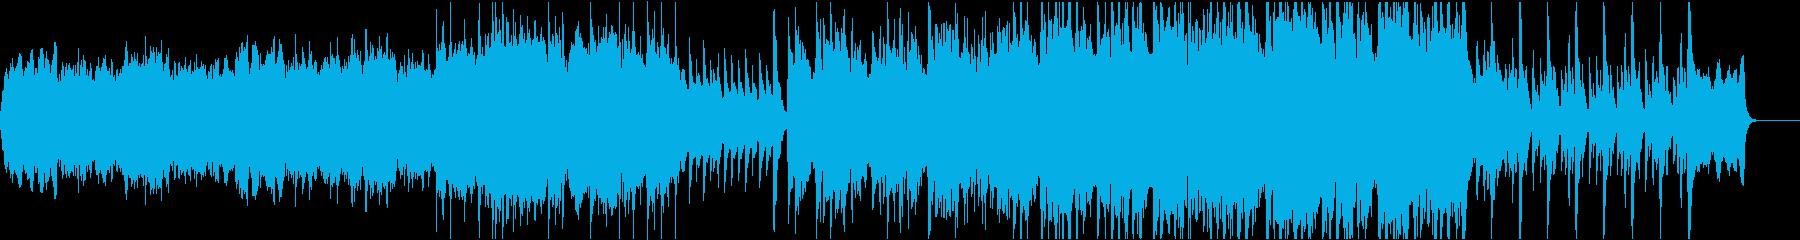 和楽器を使ったオケ曲の再生済みの波形